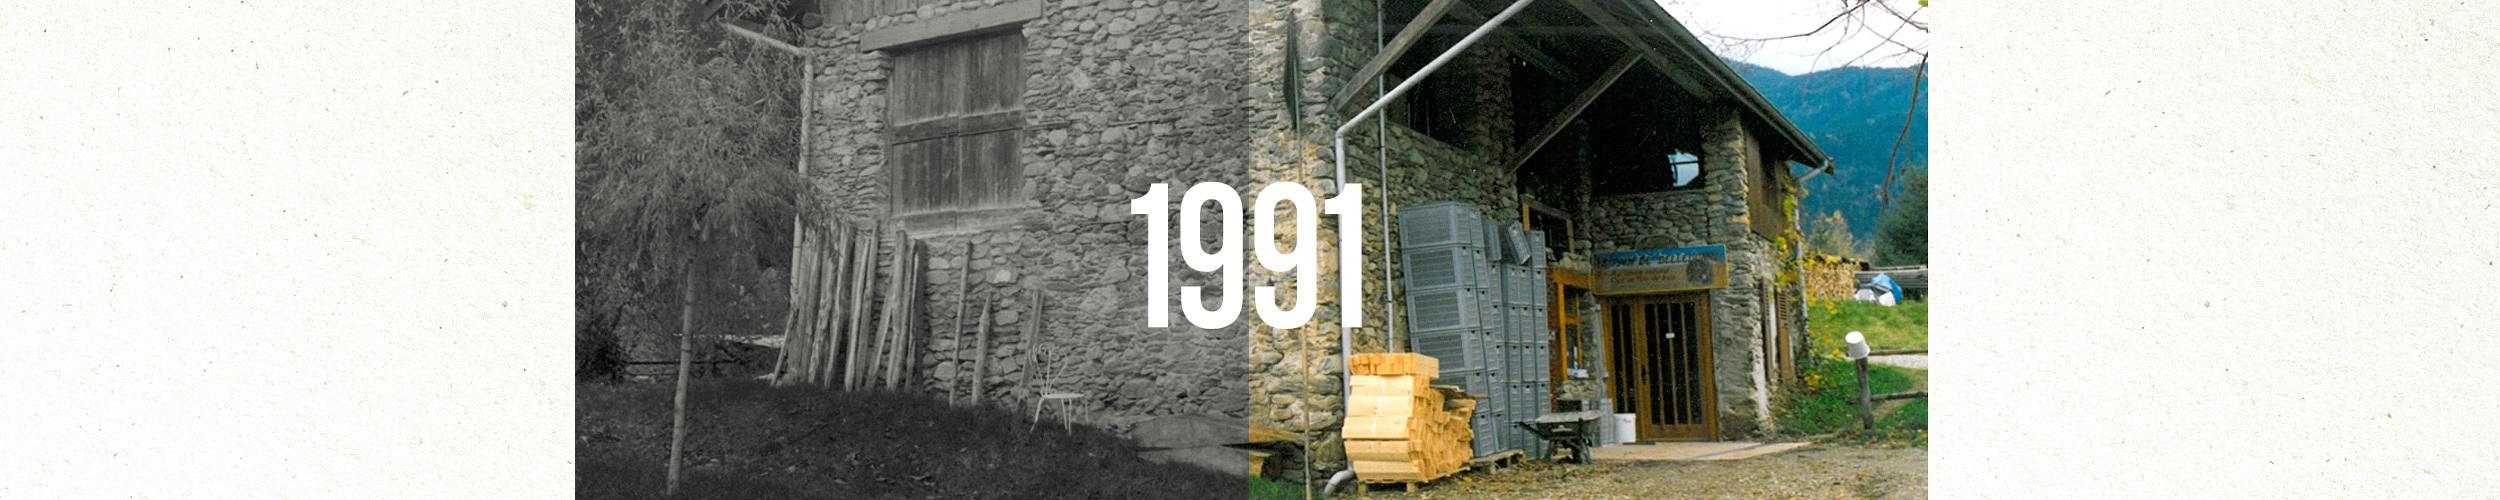 Carrousel Histoire 1991